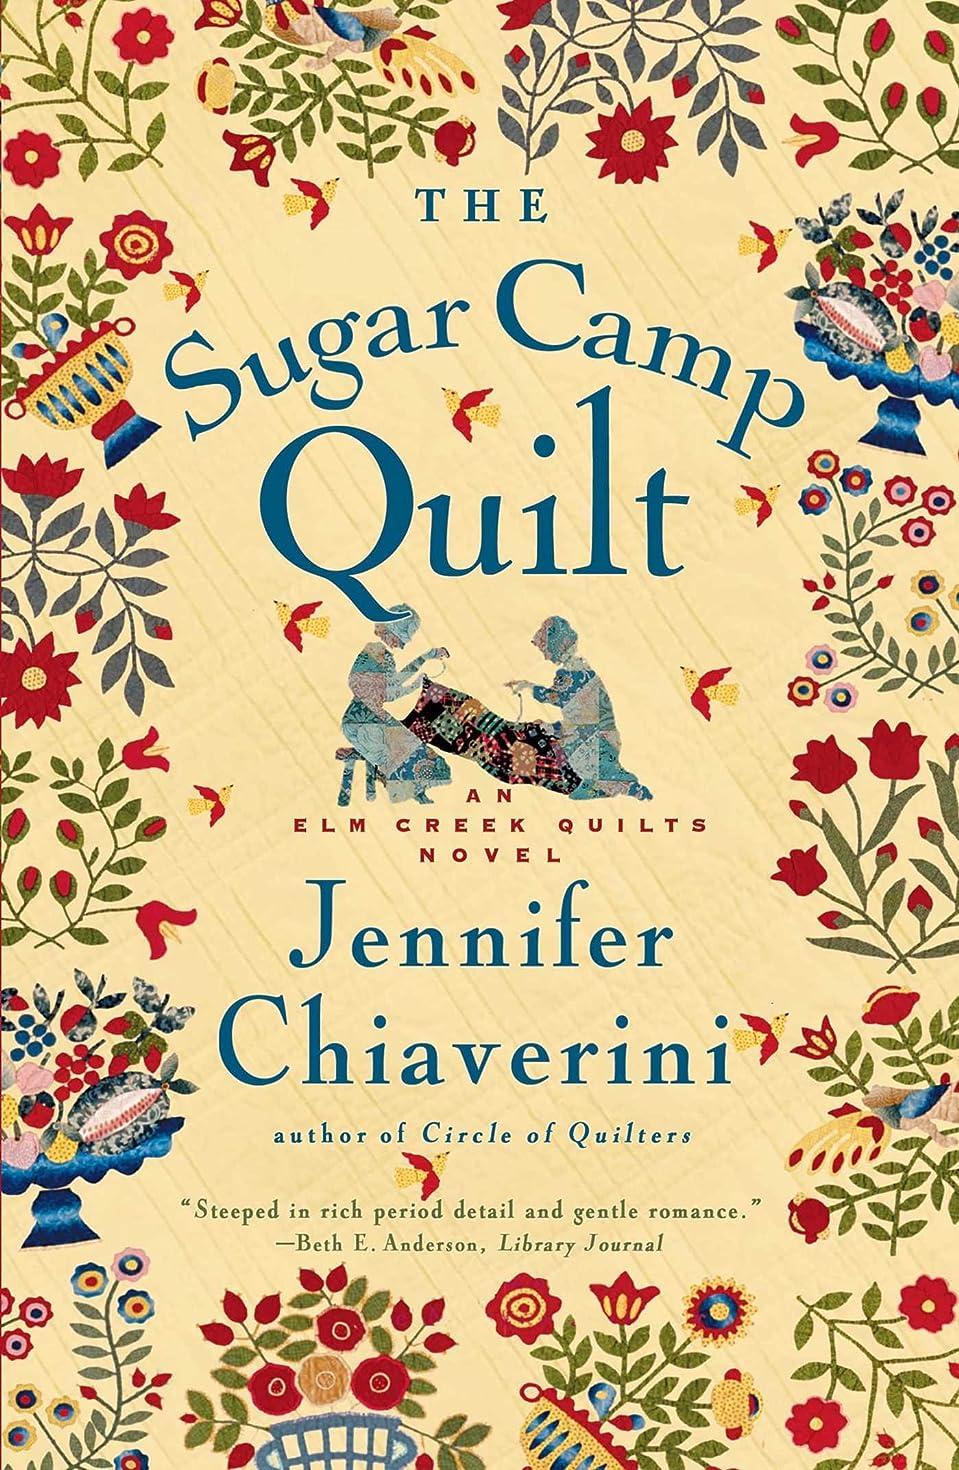 The Sugar Camp Quilt: An Elm Creek Quilts Novel (The Elm Creek Quilts Book 7)